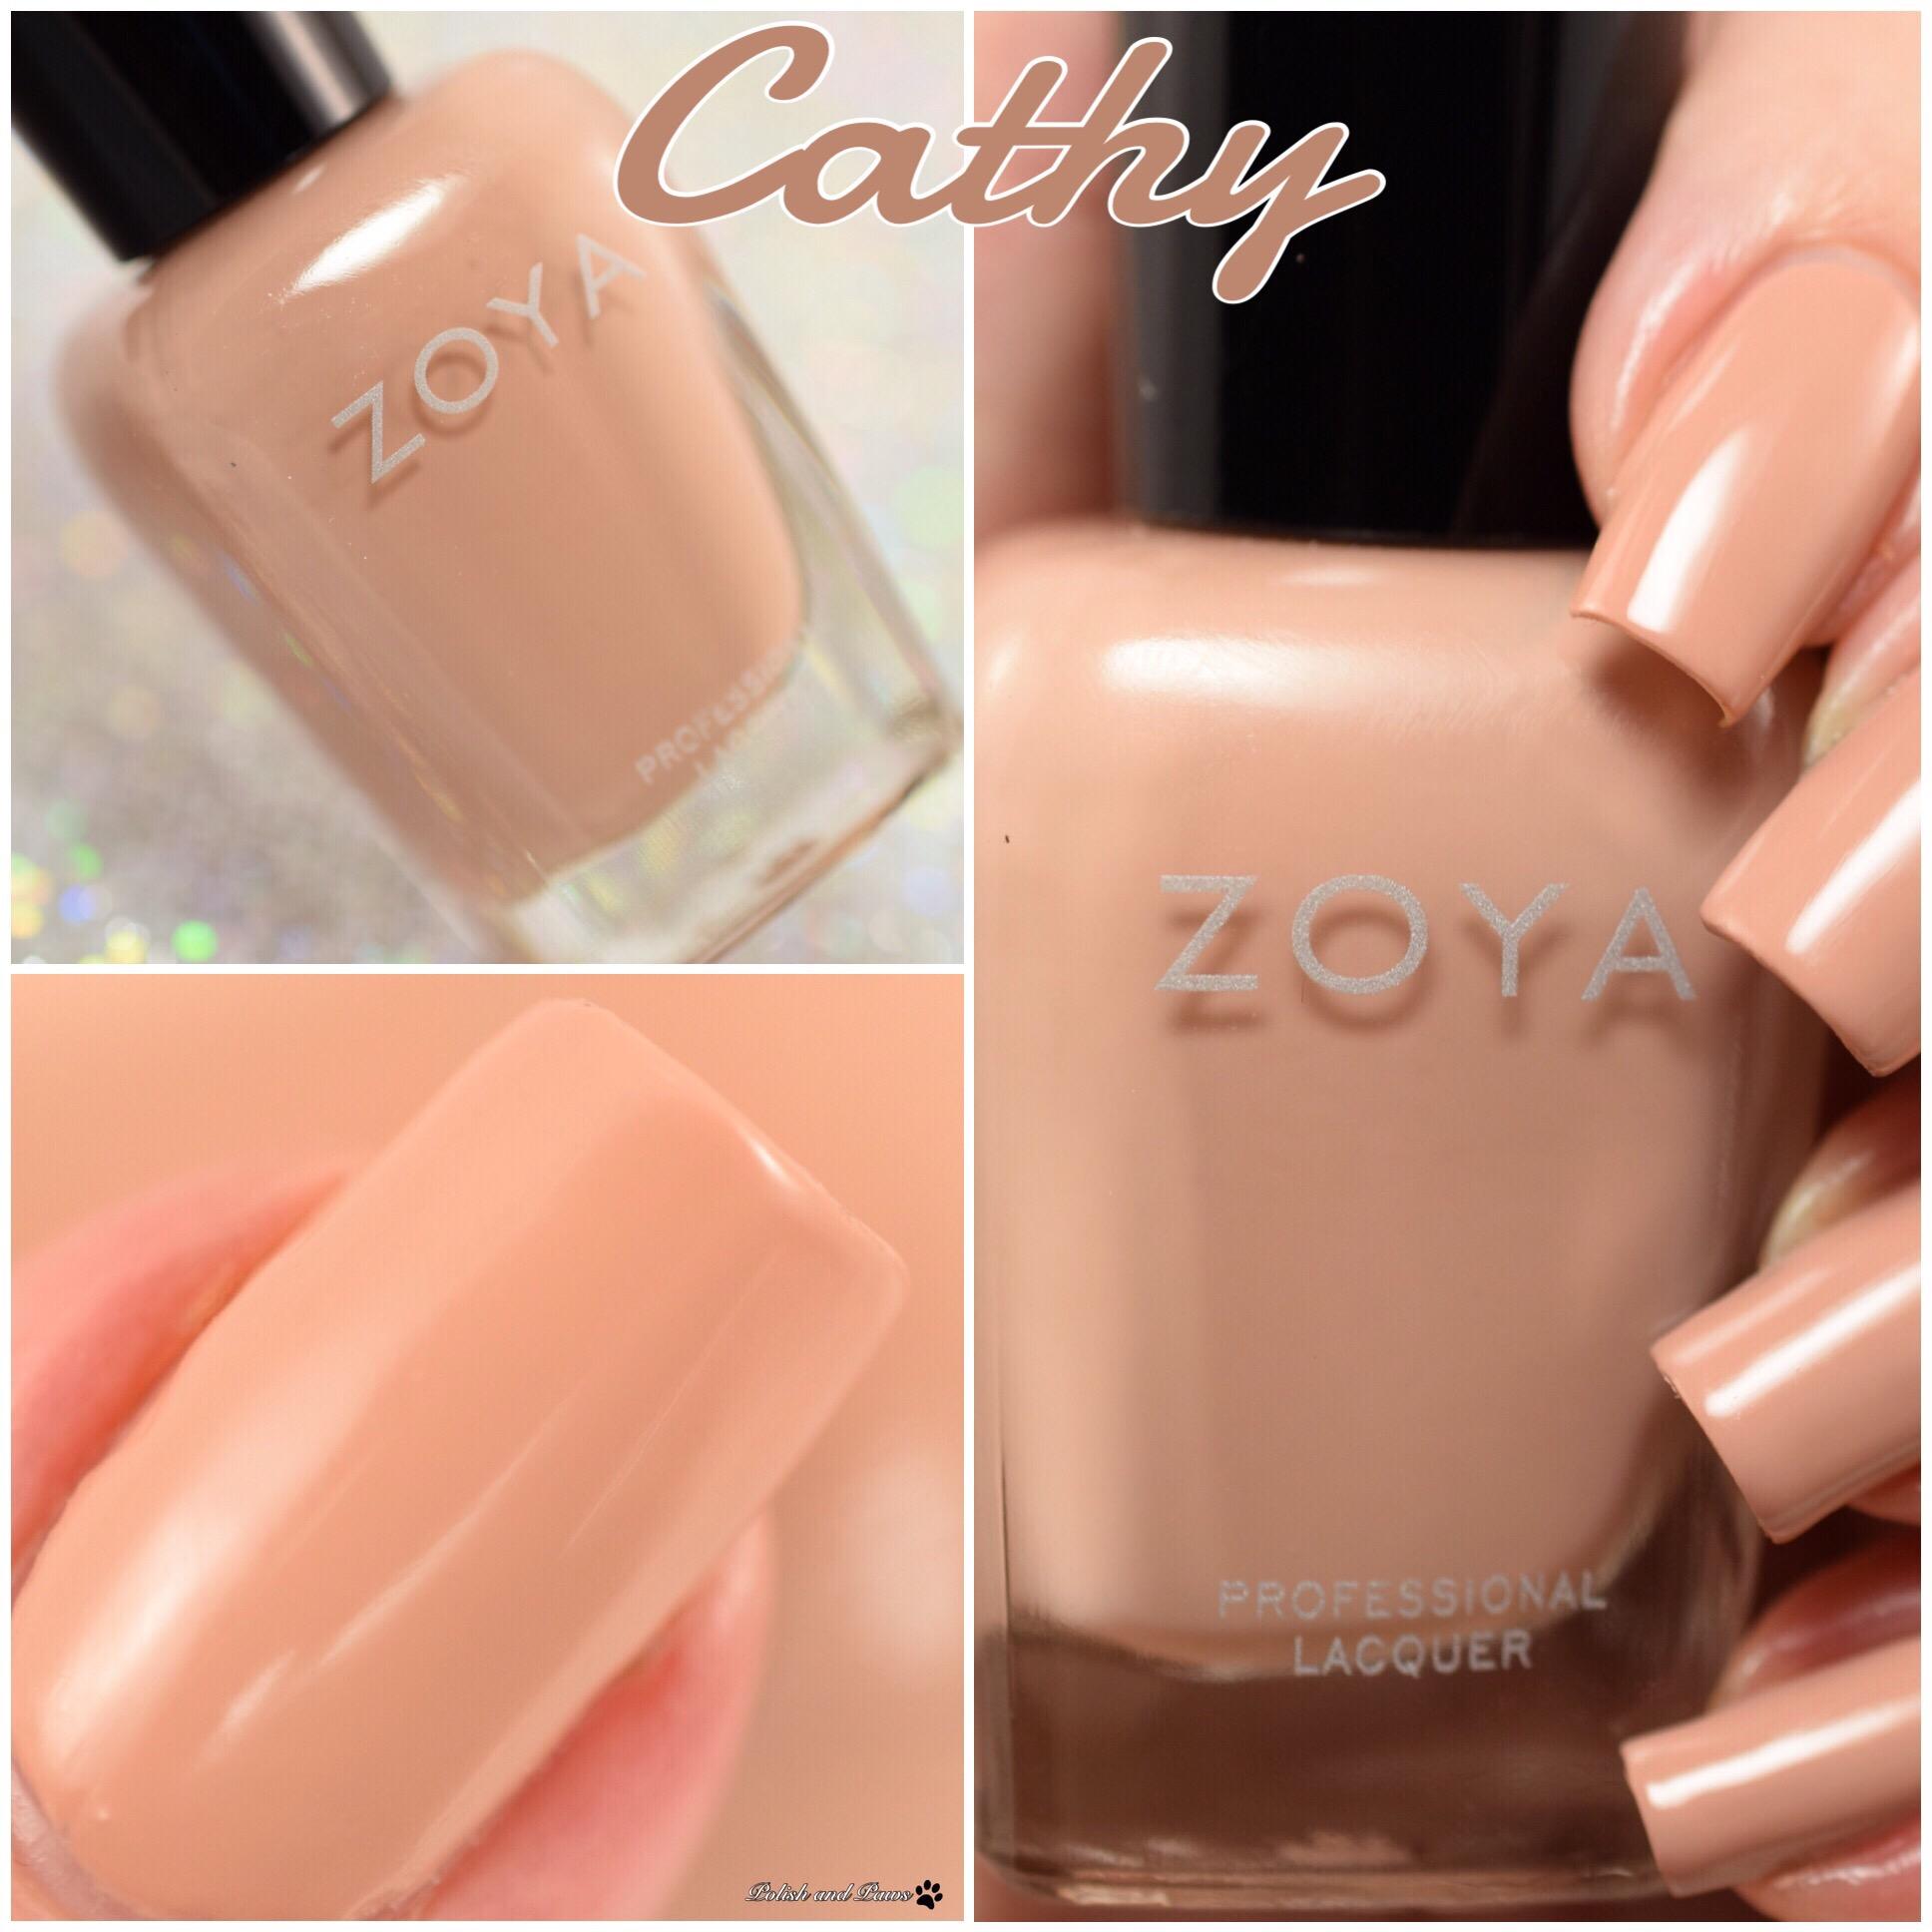 Zoya Cathy